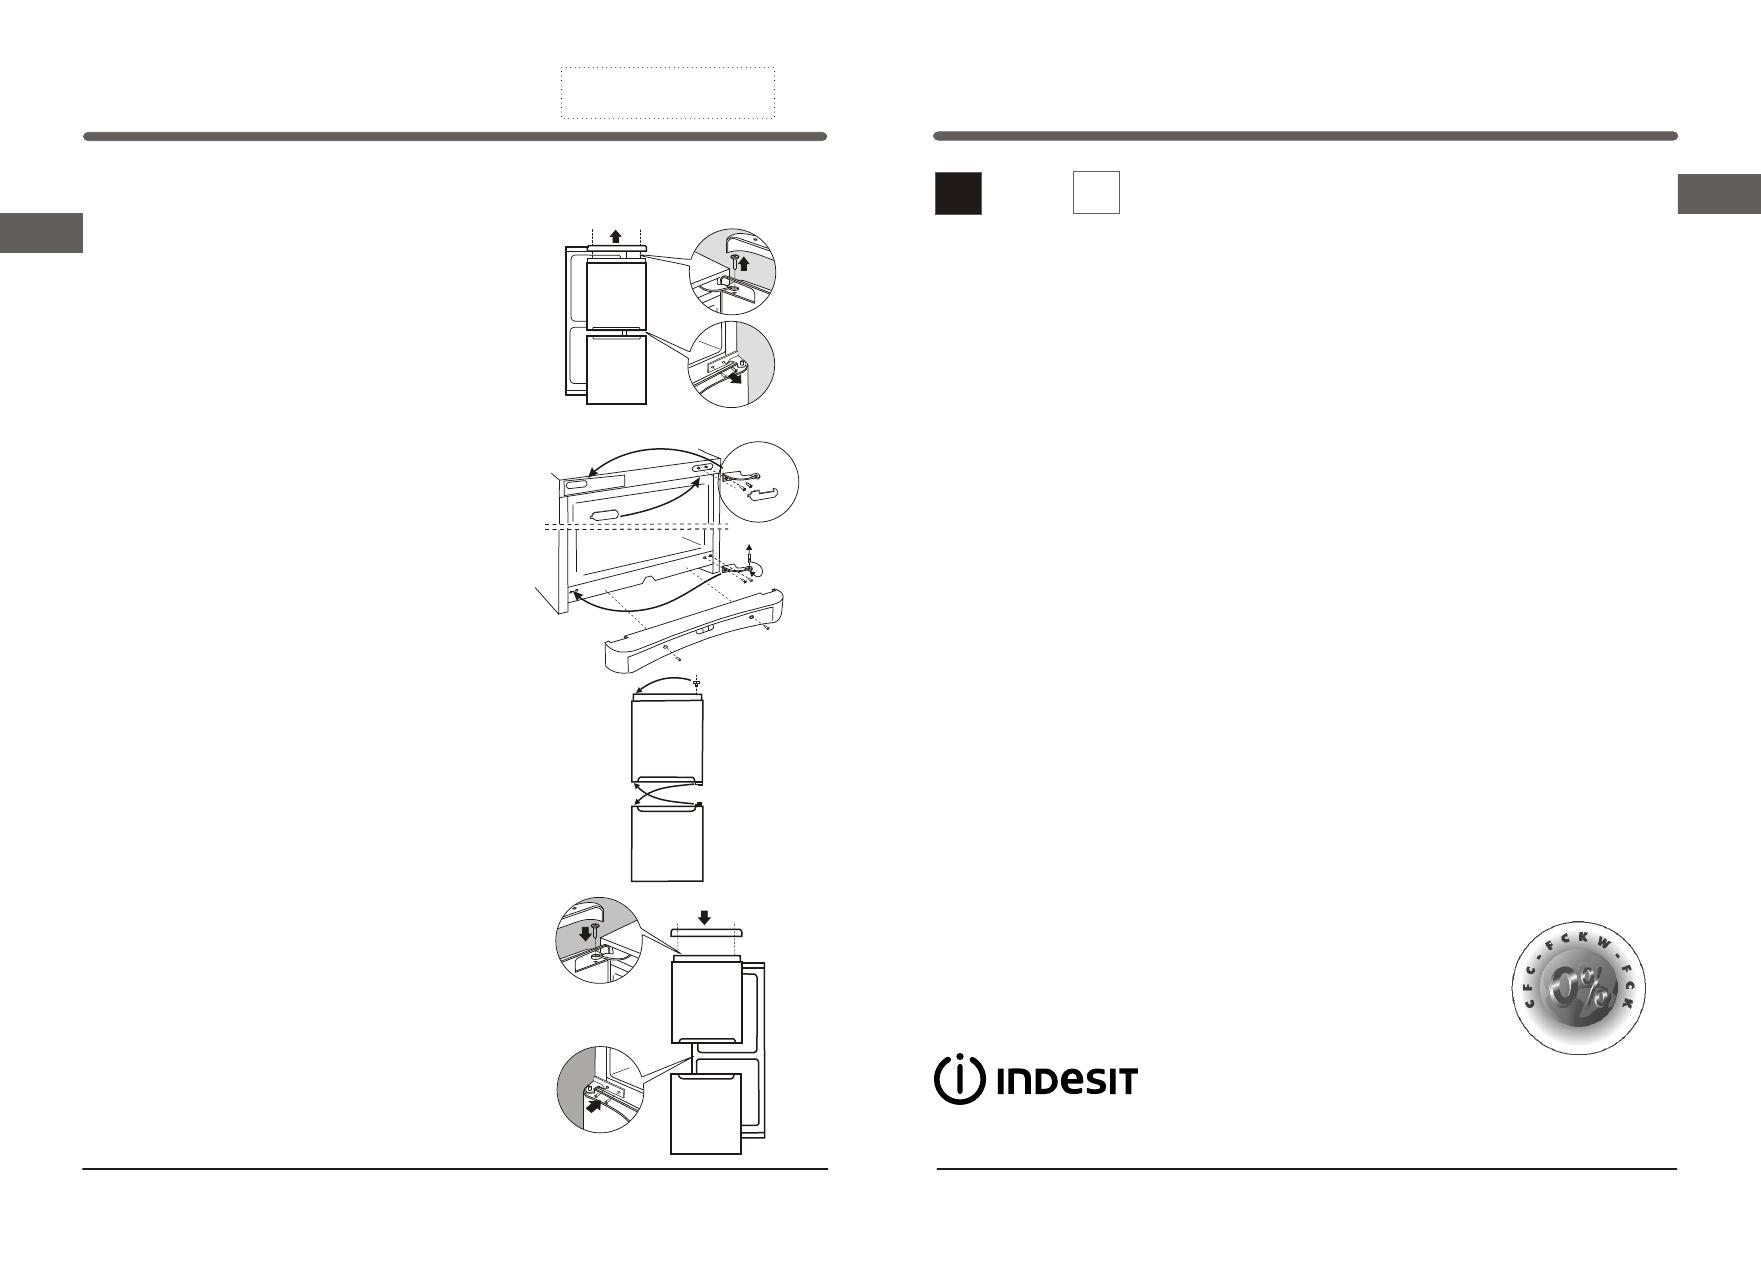 indesit w642tx схема